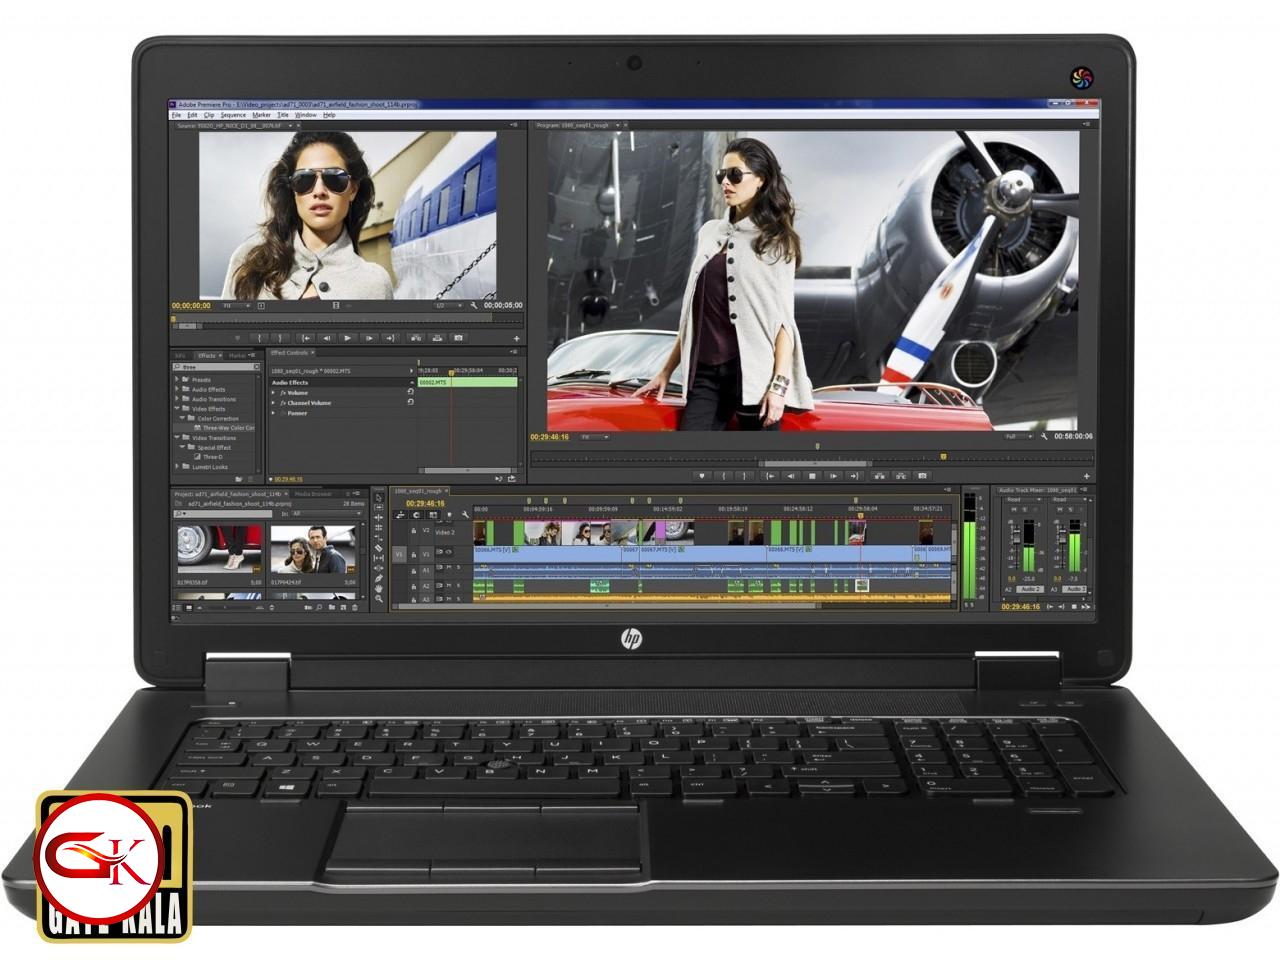 لپ تاپ مهندسی و گیمینگ  اچ پی HP Zbook 17 با  CPU CORI7 4790 QM